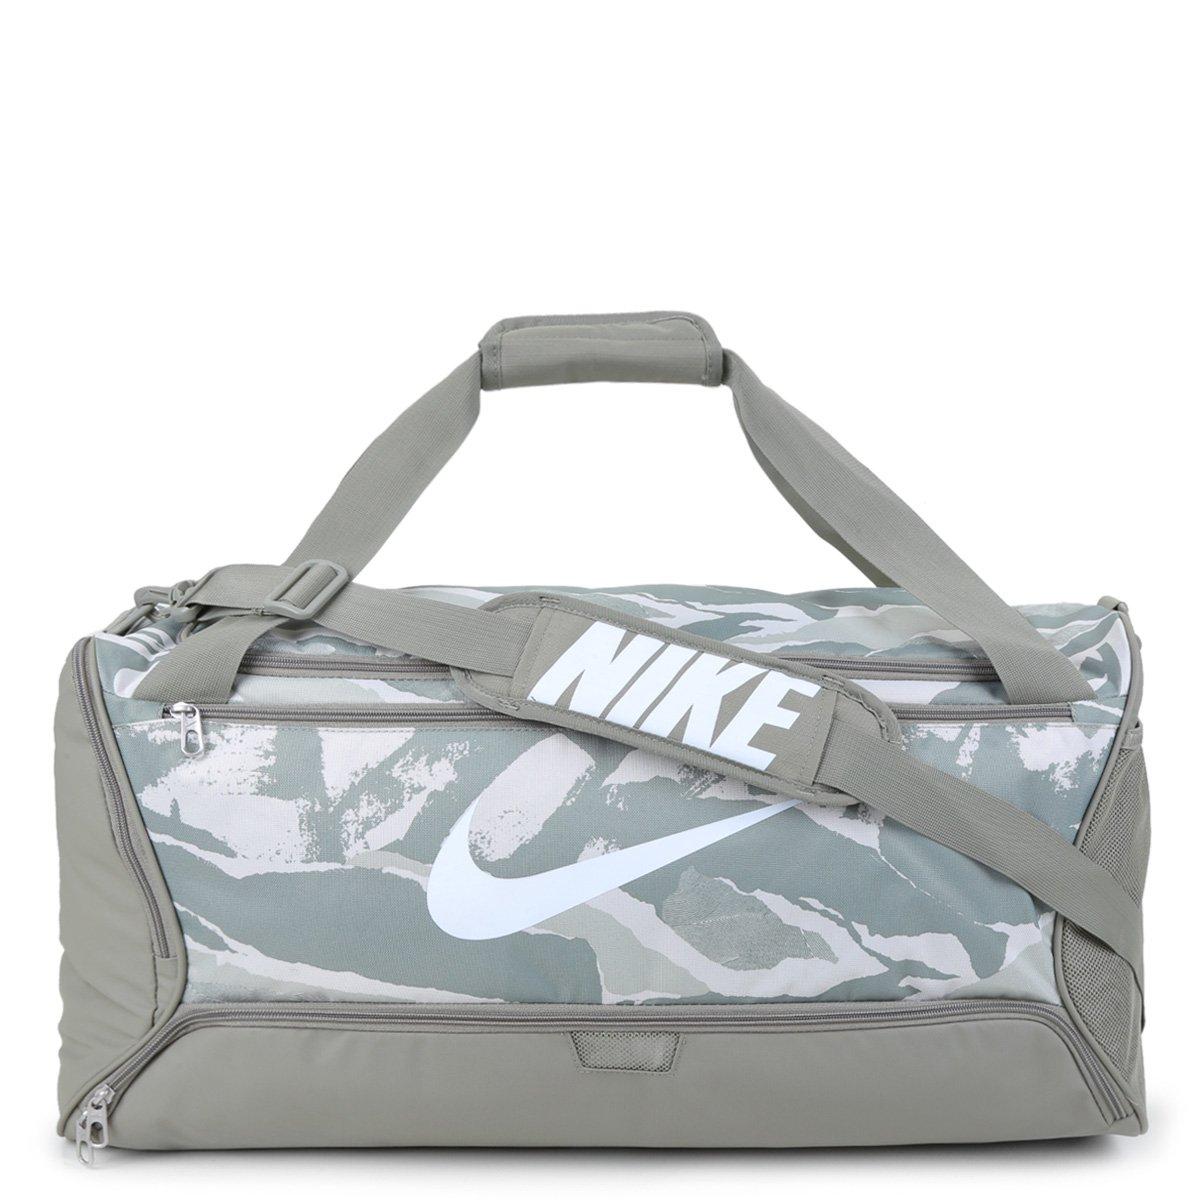 Bolsa Nike Brasília M 9.0 Aop1 Slub